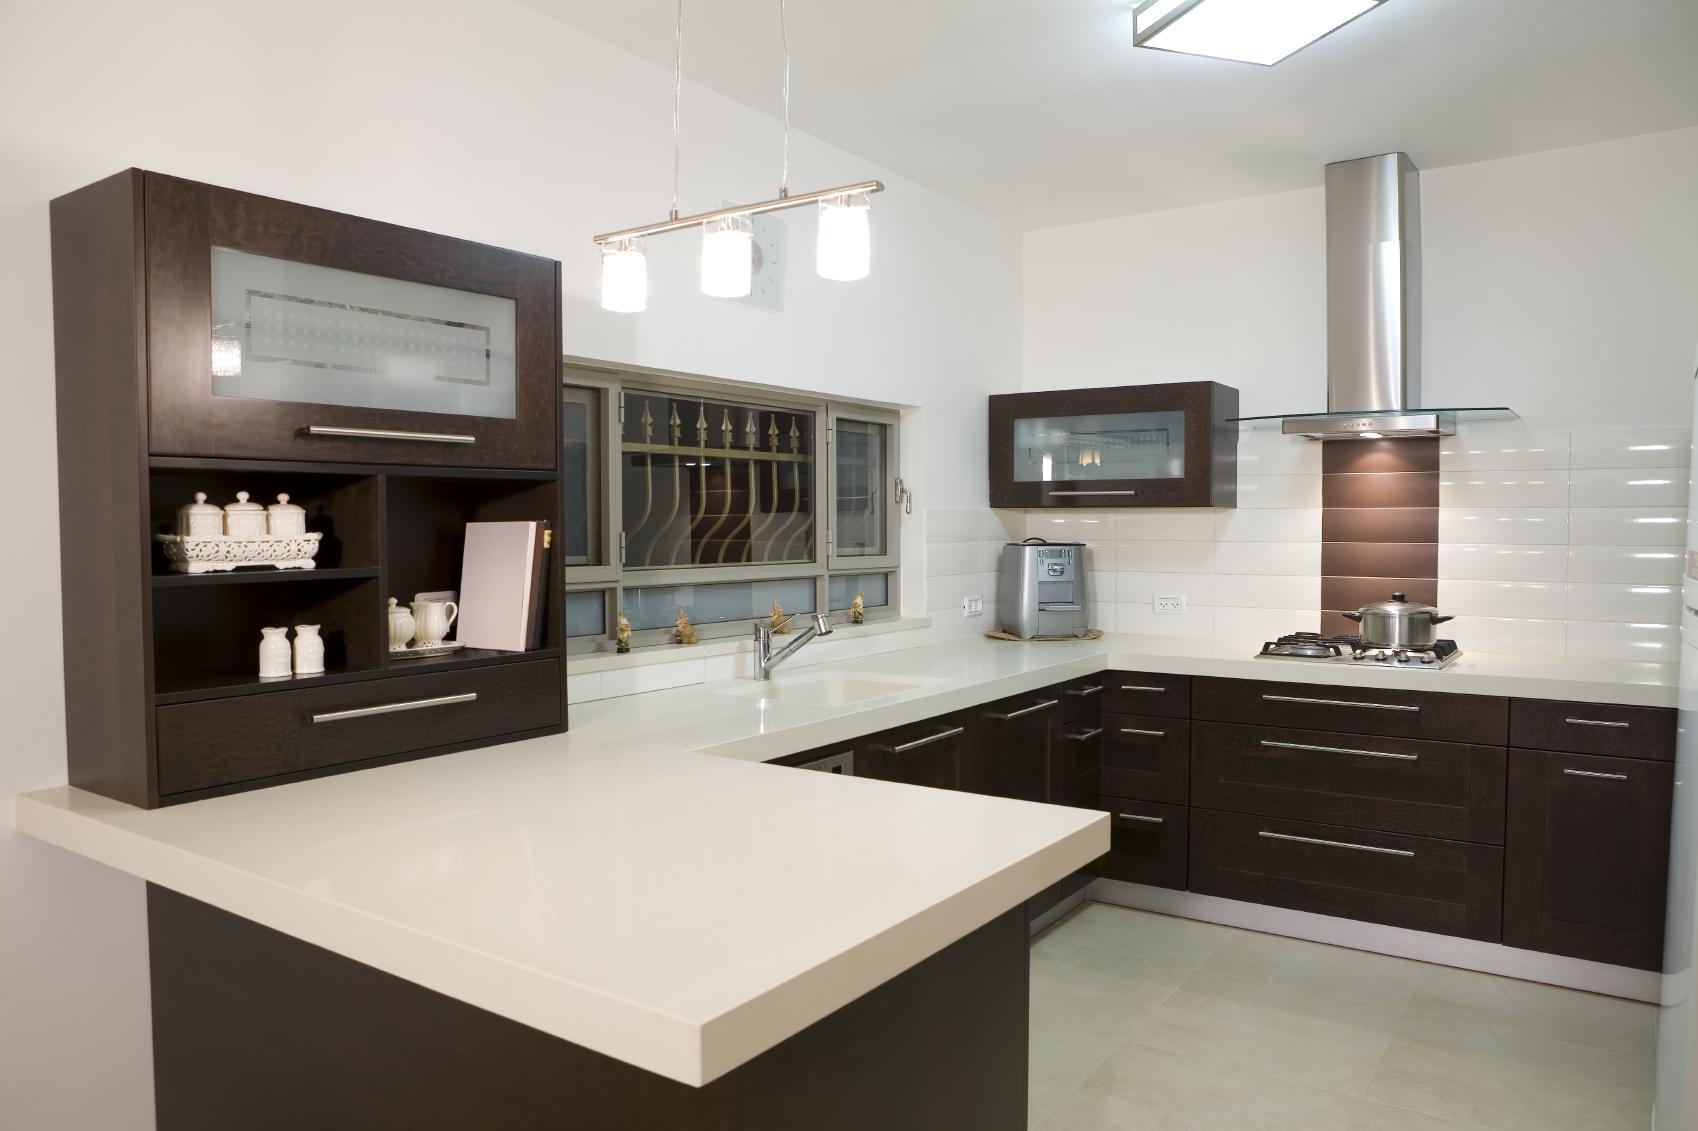 View In Gallery Model Ruang Dapur Sederhana Besar Konsep Moden Dengan Tabletop Putih Mewah